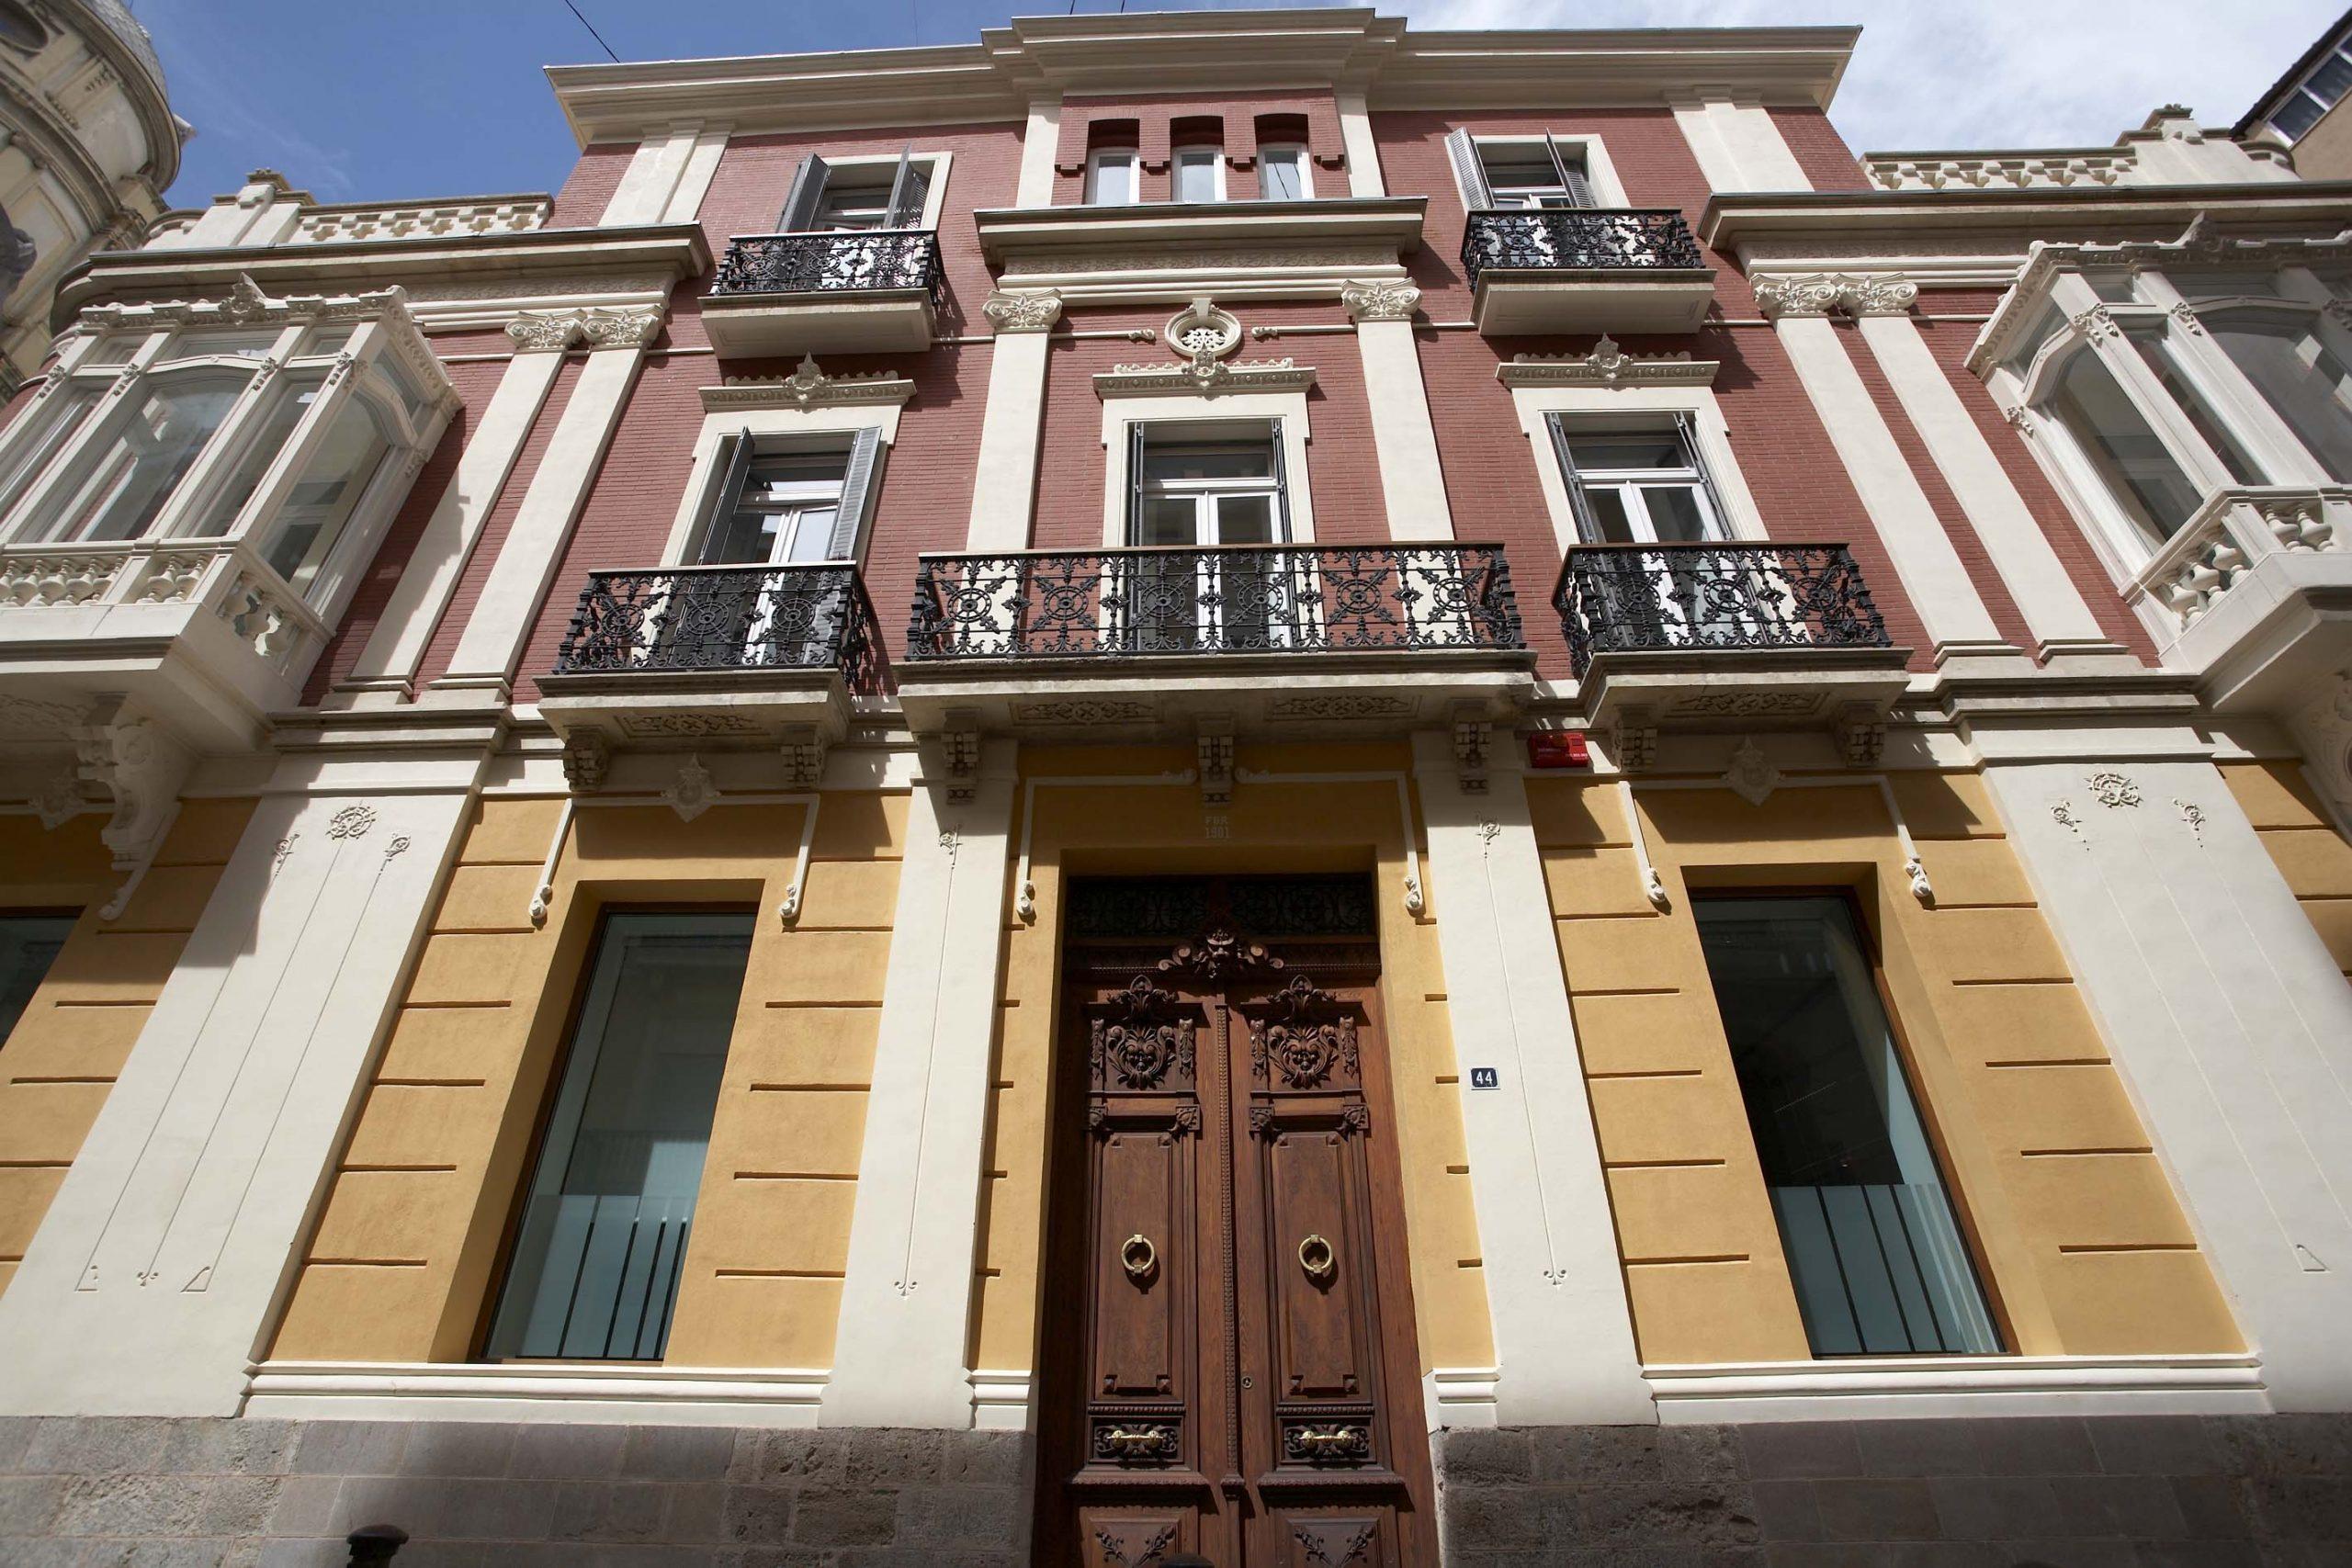 La Diputació d'Alacant avança a les 18.00 hores l'horari de tancament de les instal·lacions culturals